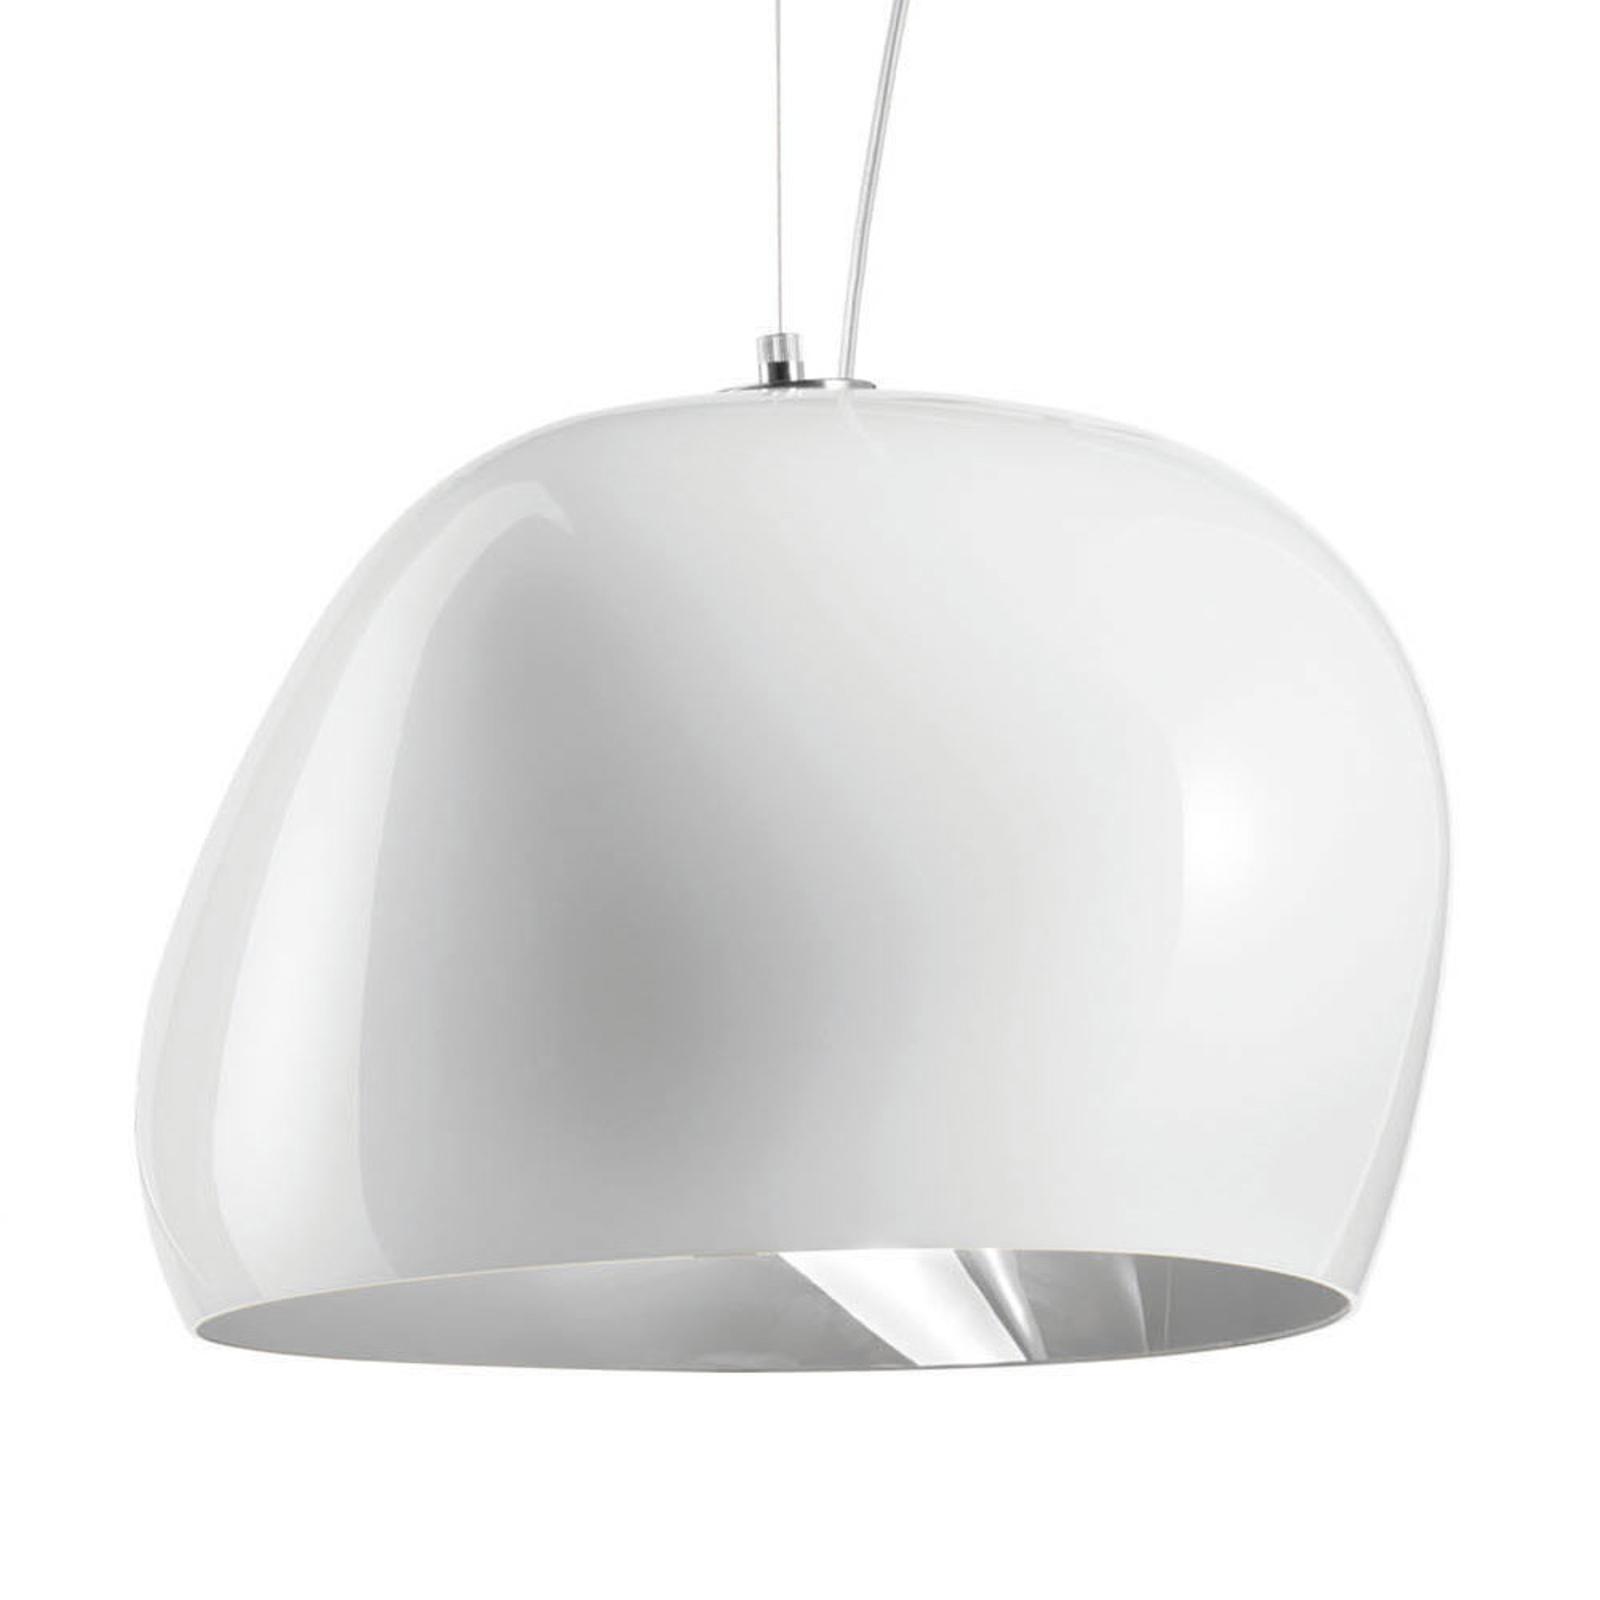 Hängeleuchte Surface Ø 40 cm, E27, weiß/stahlgrau